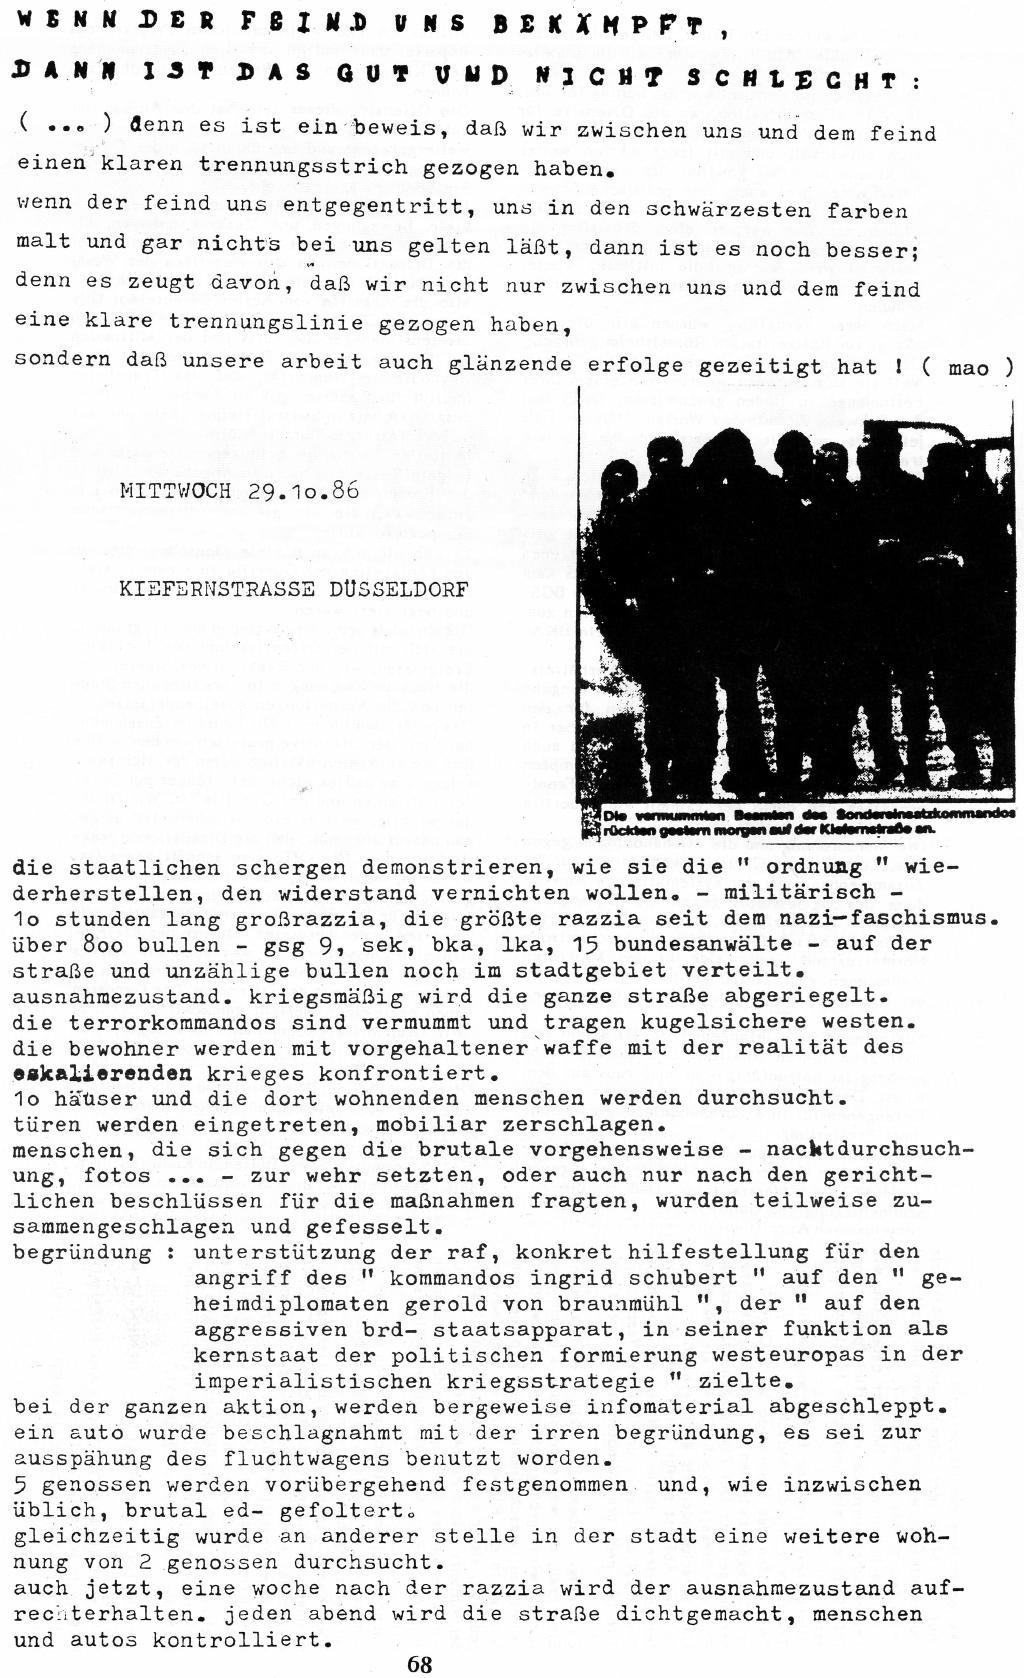 Duesseldorf_1989_Sechs_Politische_Gefangene_068